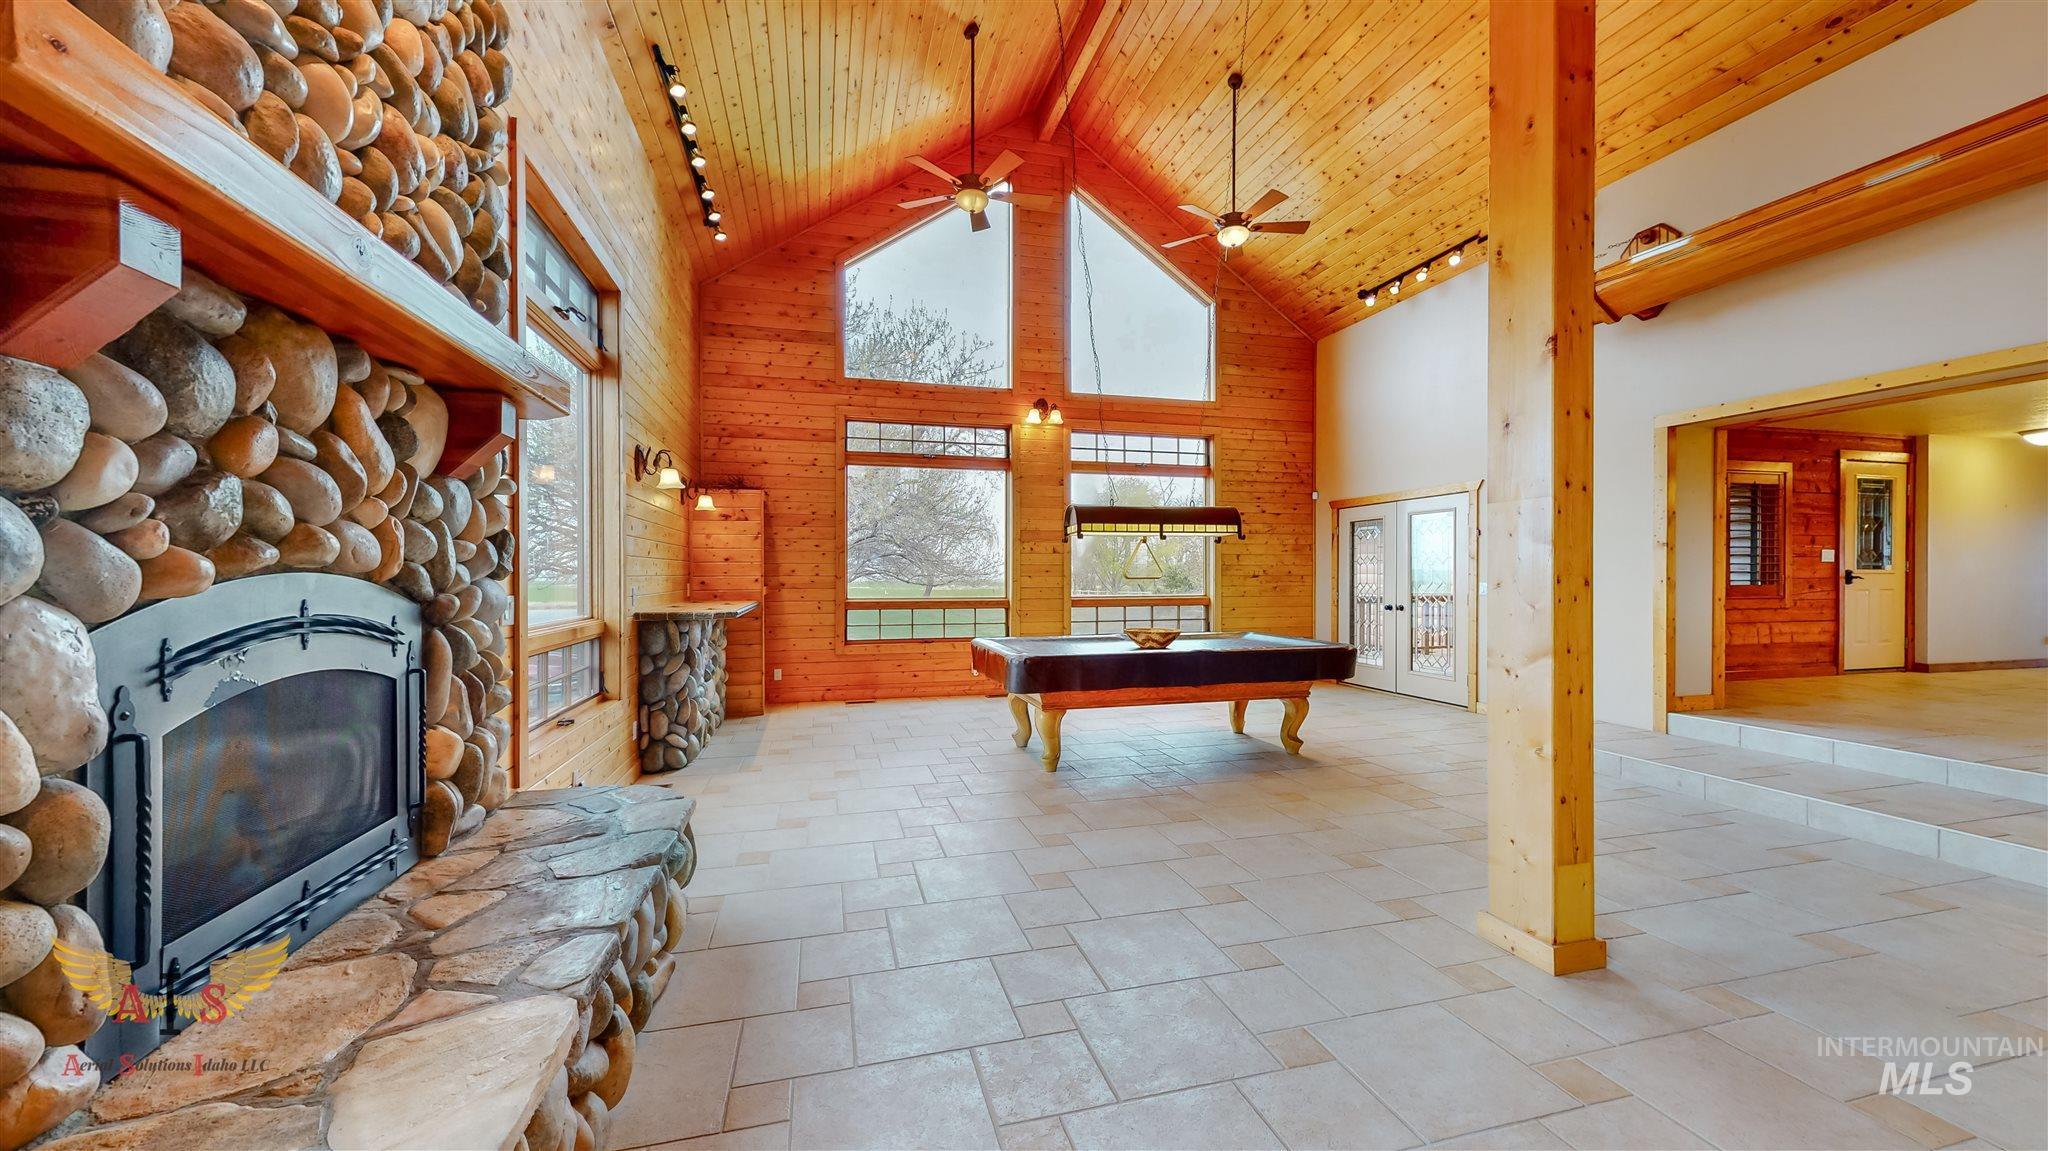 352 S 500 W Property Photo 5